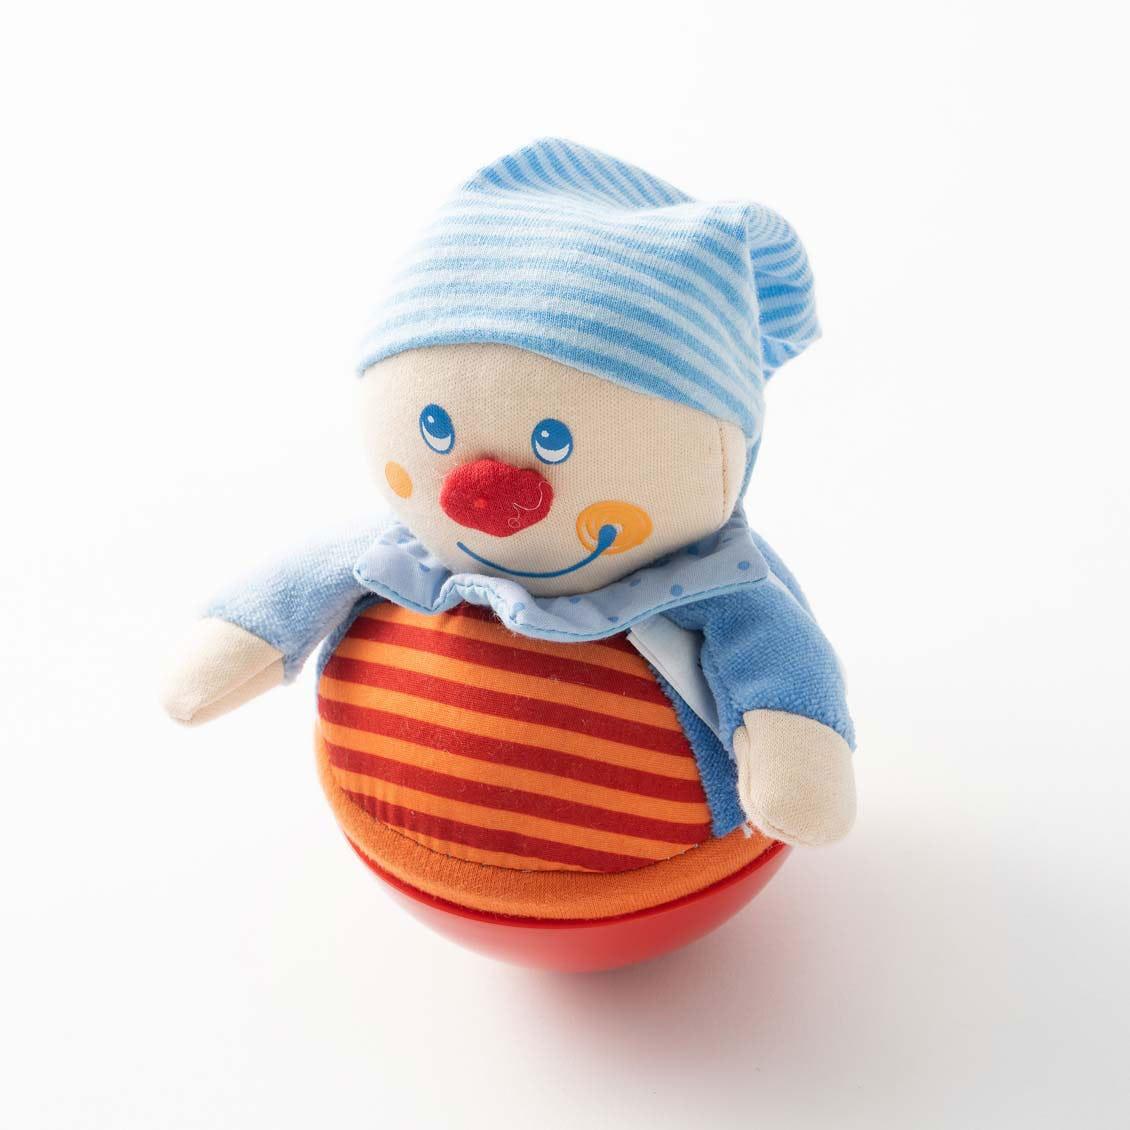 おきあがり人形キャスパー|布のおもちゃ